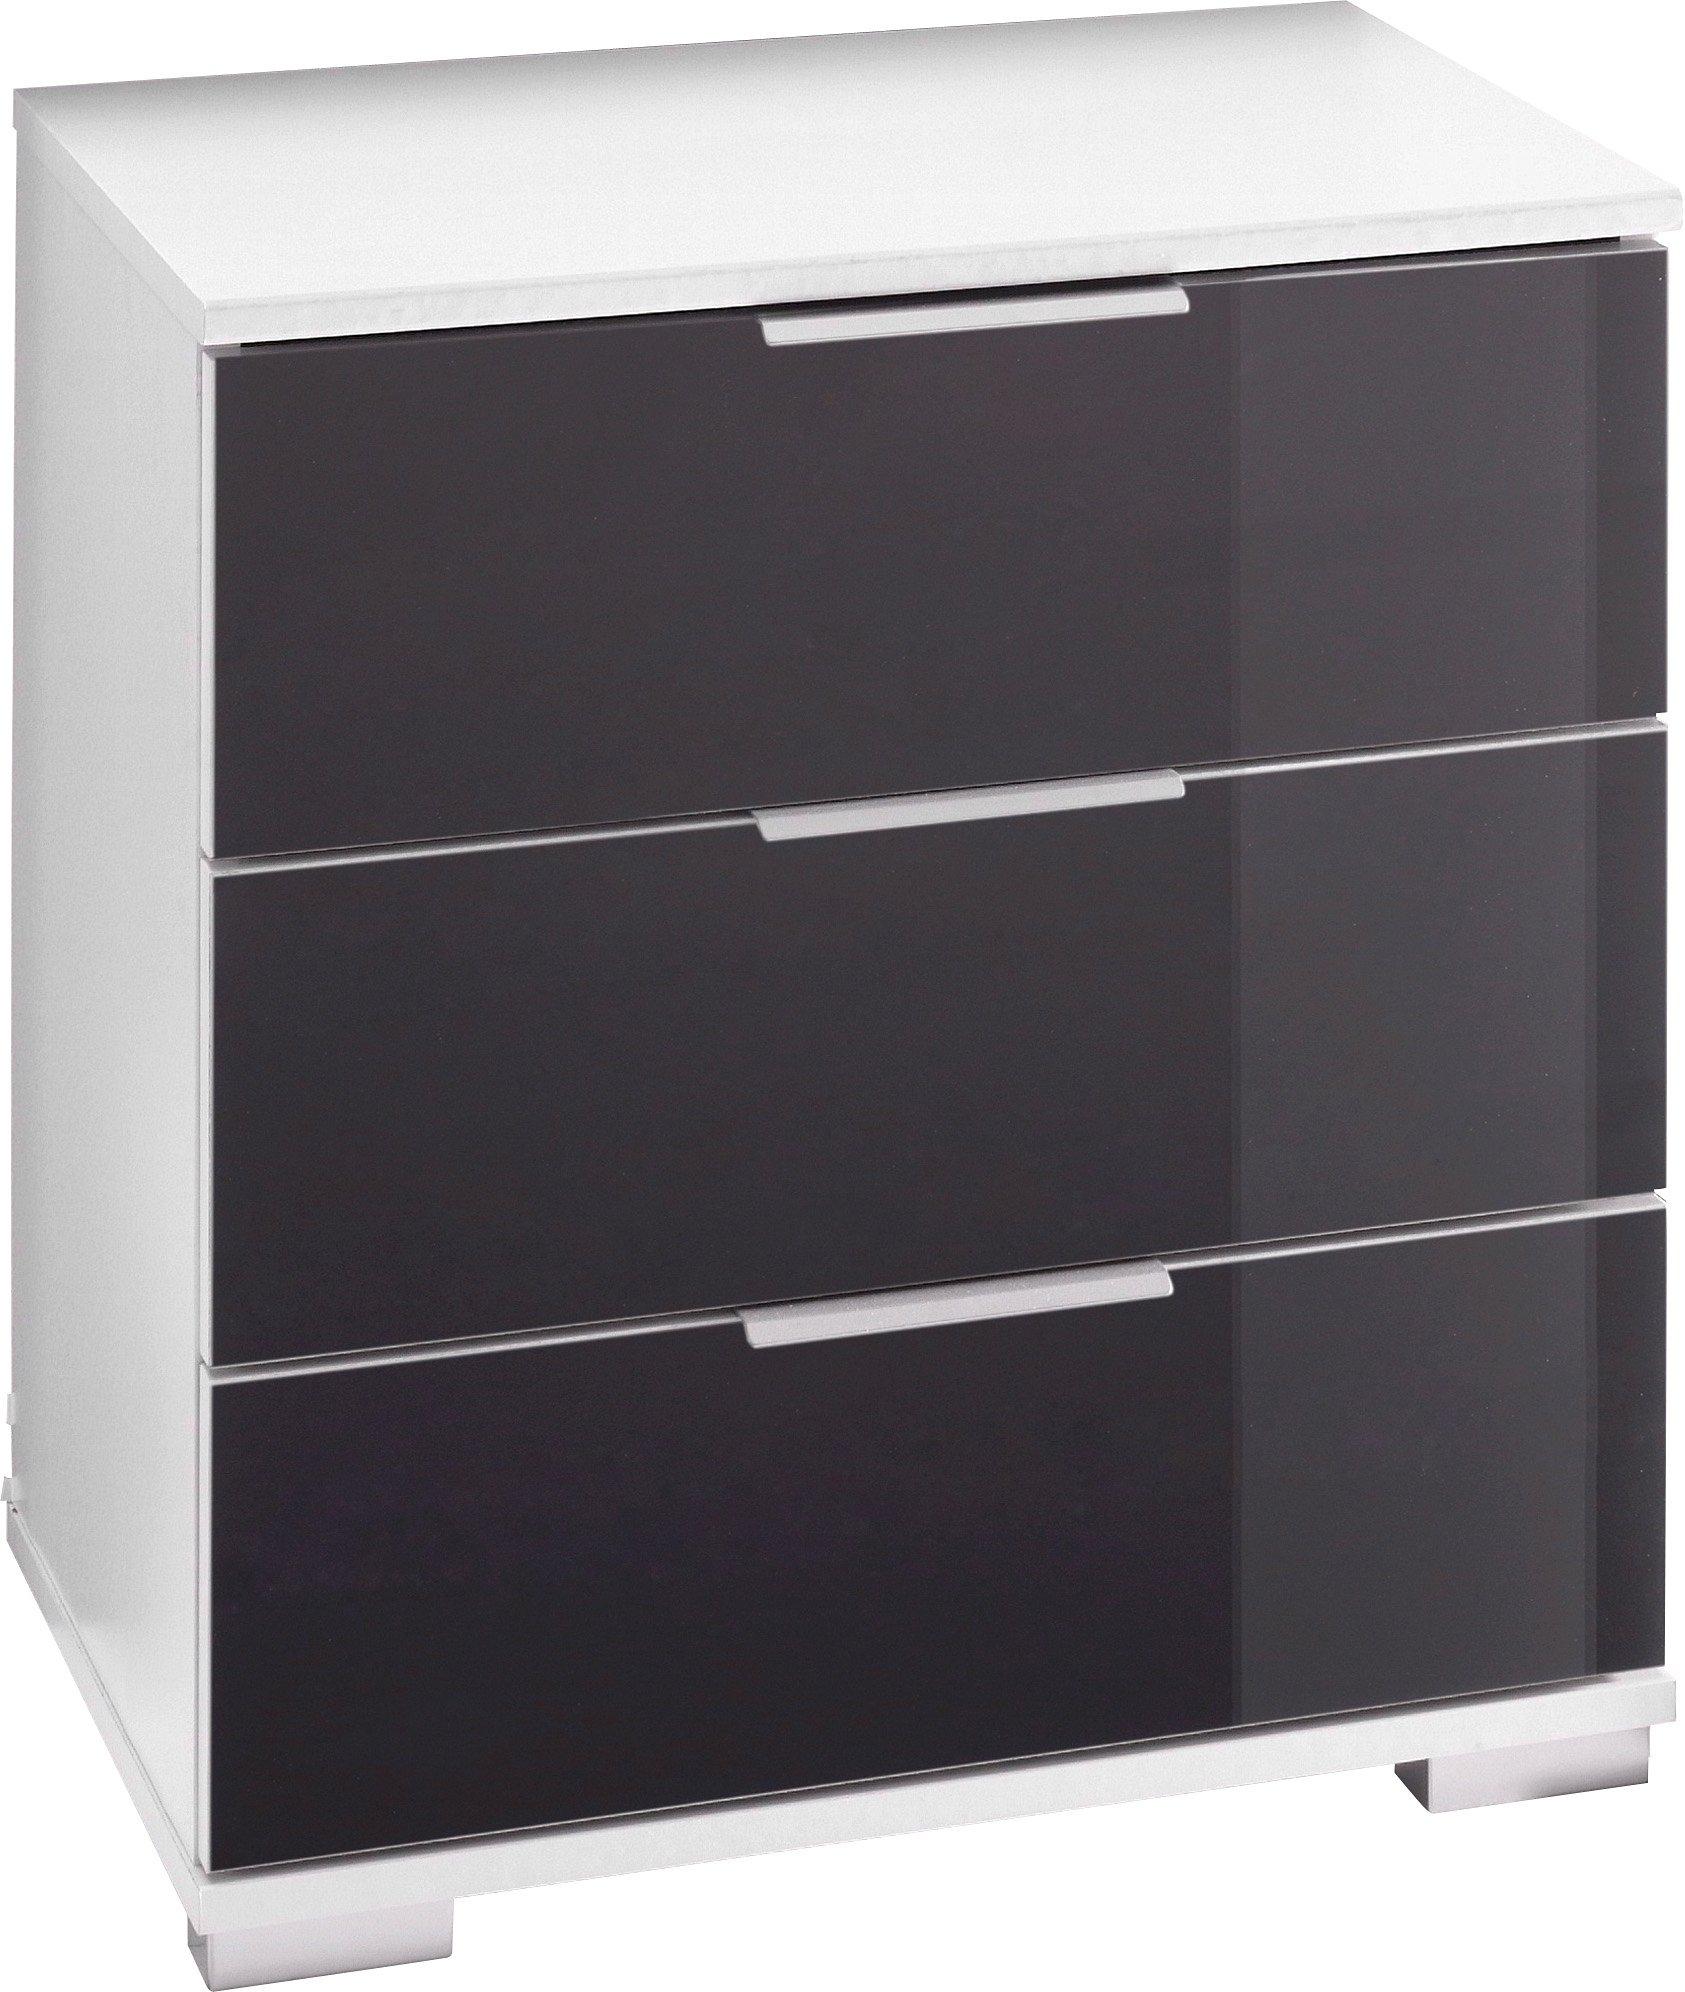 Nachtkastje met 3 laden op metalen geleiders online kopen otto - Metalen nachtkastje ...